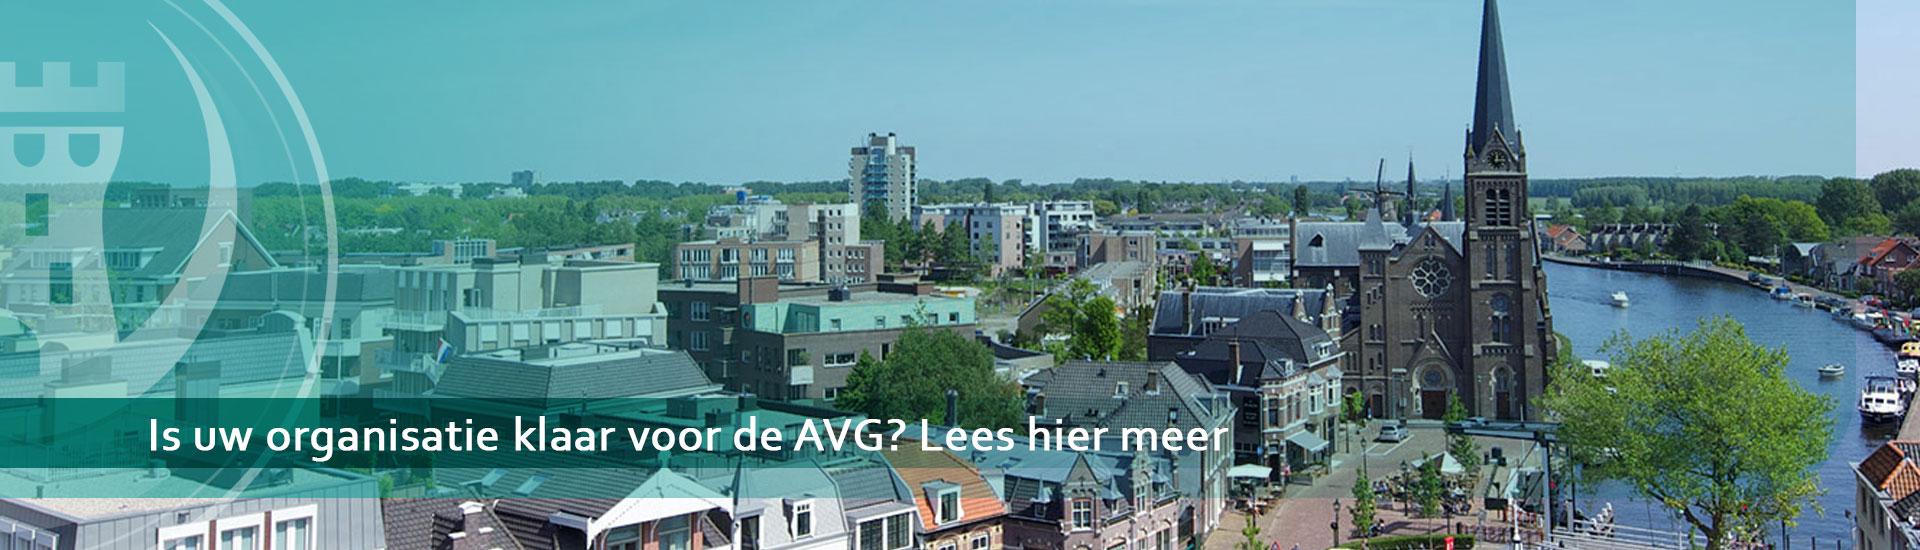 banner-homepage-avg